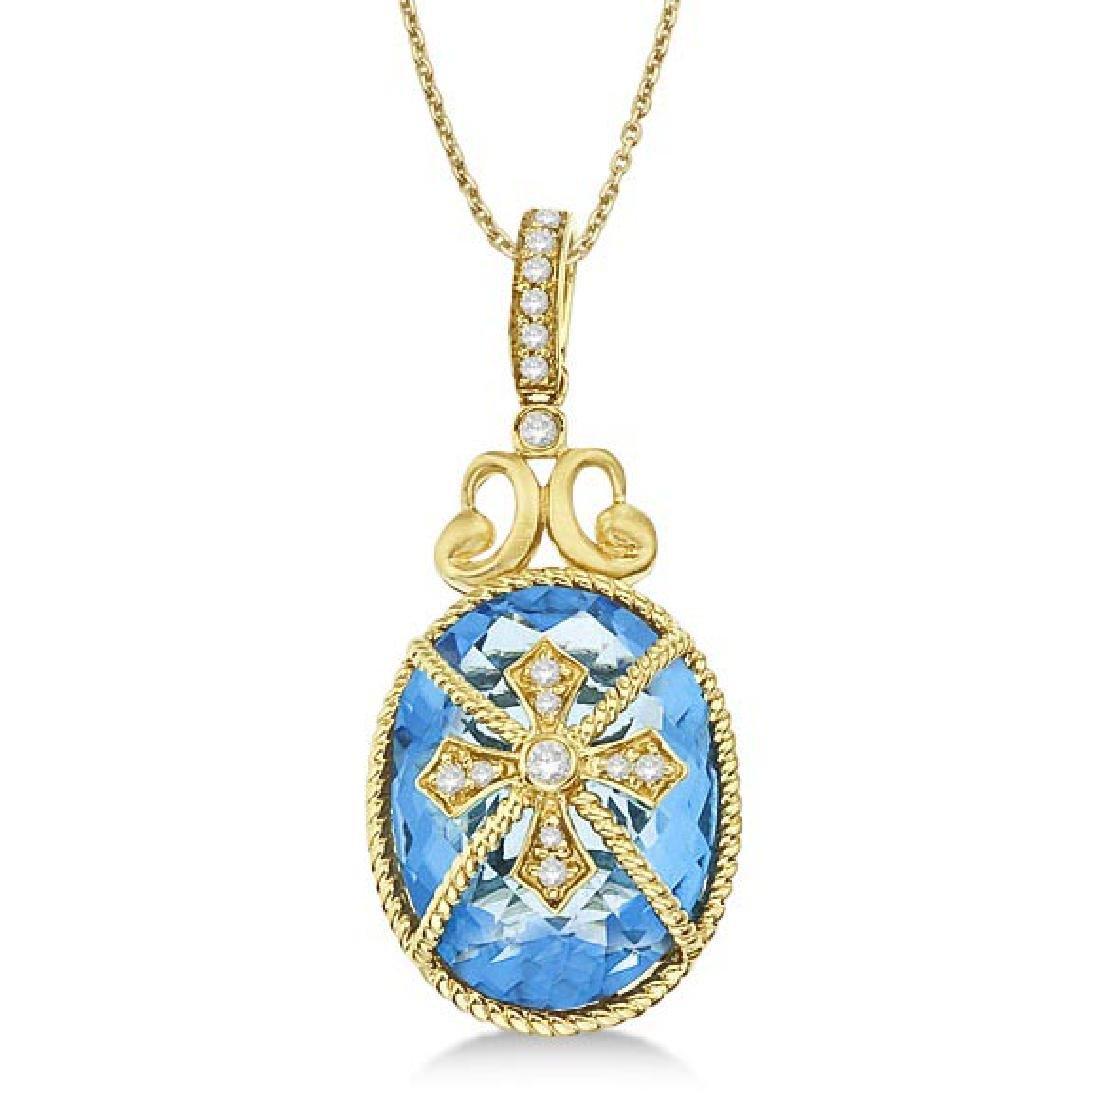 Blue Topaz and Diamond Byzantine Pendant Necklace 14k Y